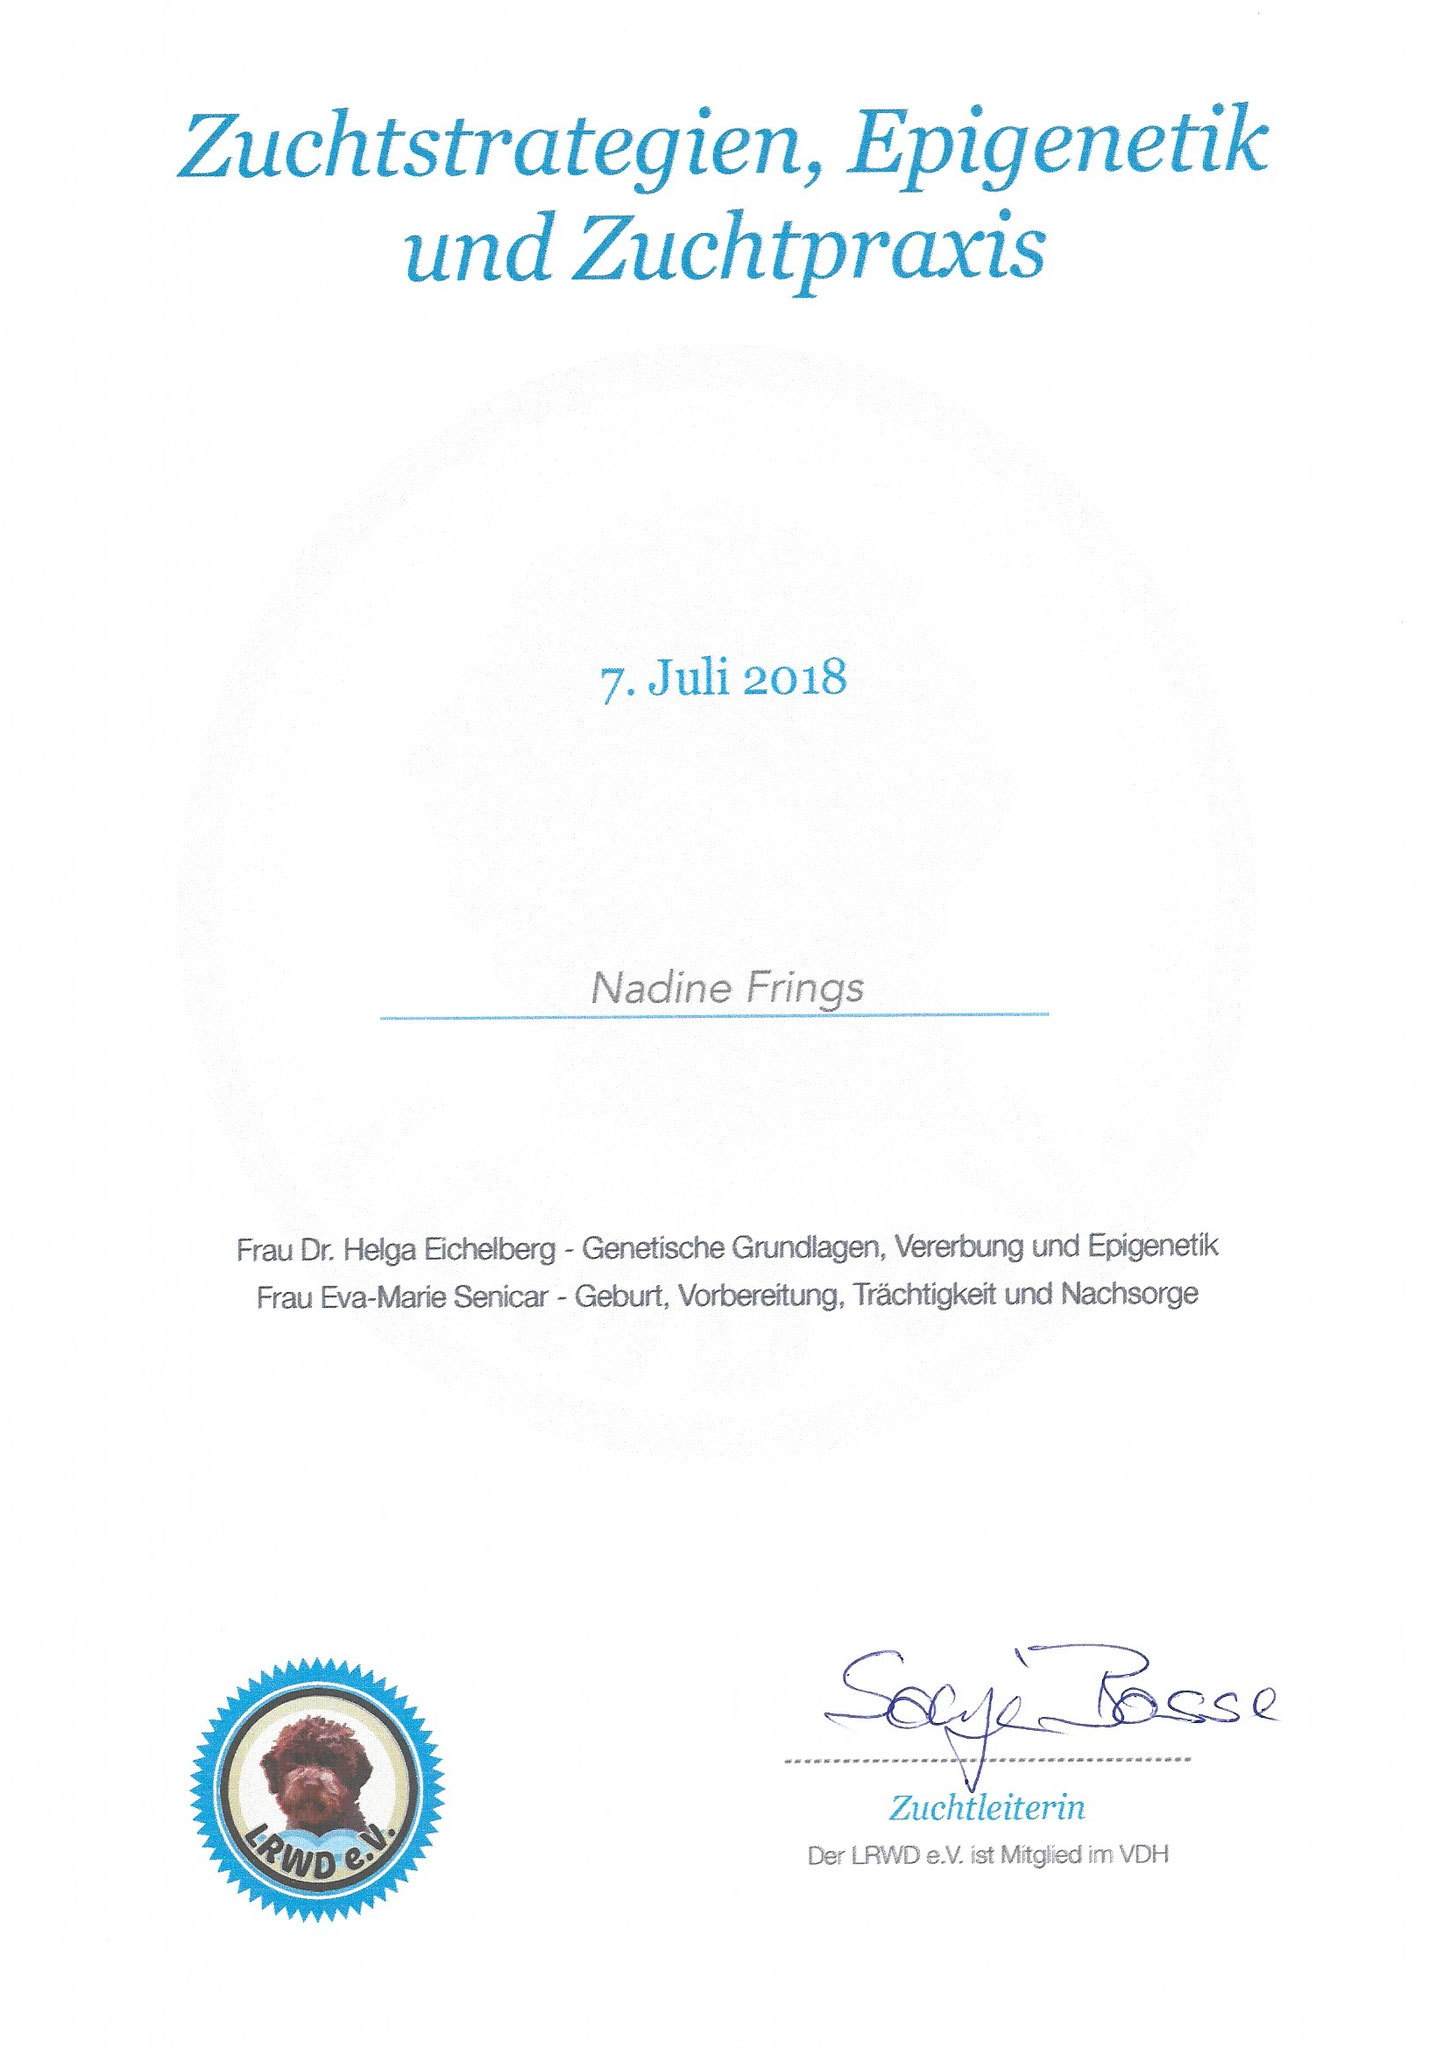 Zuchtstrategien, Epigenetik, Zuchtpraxis / 07. Juli 2018